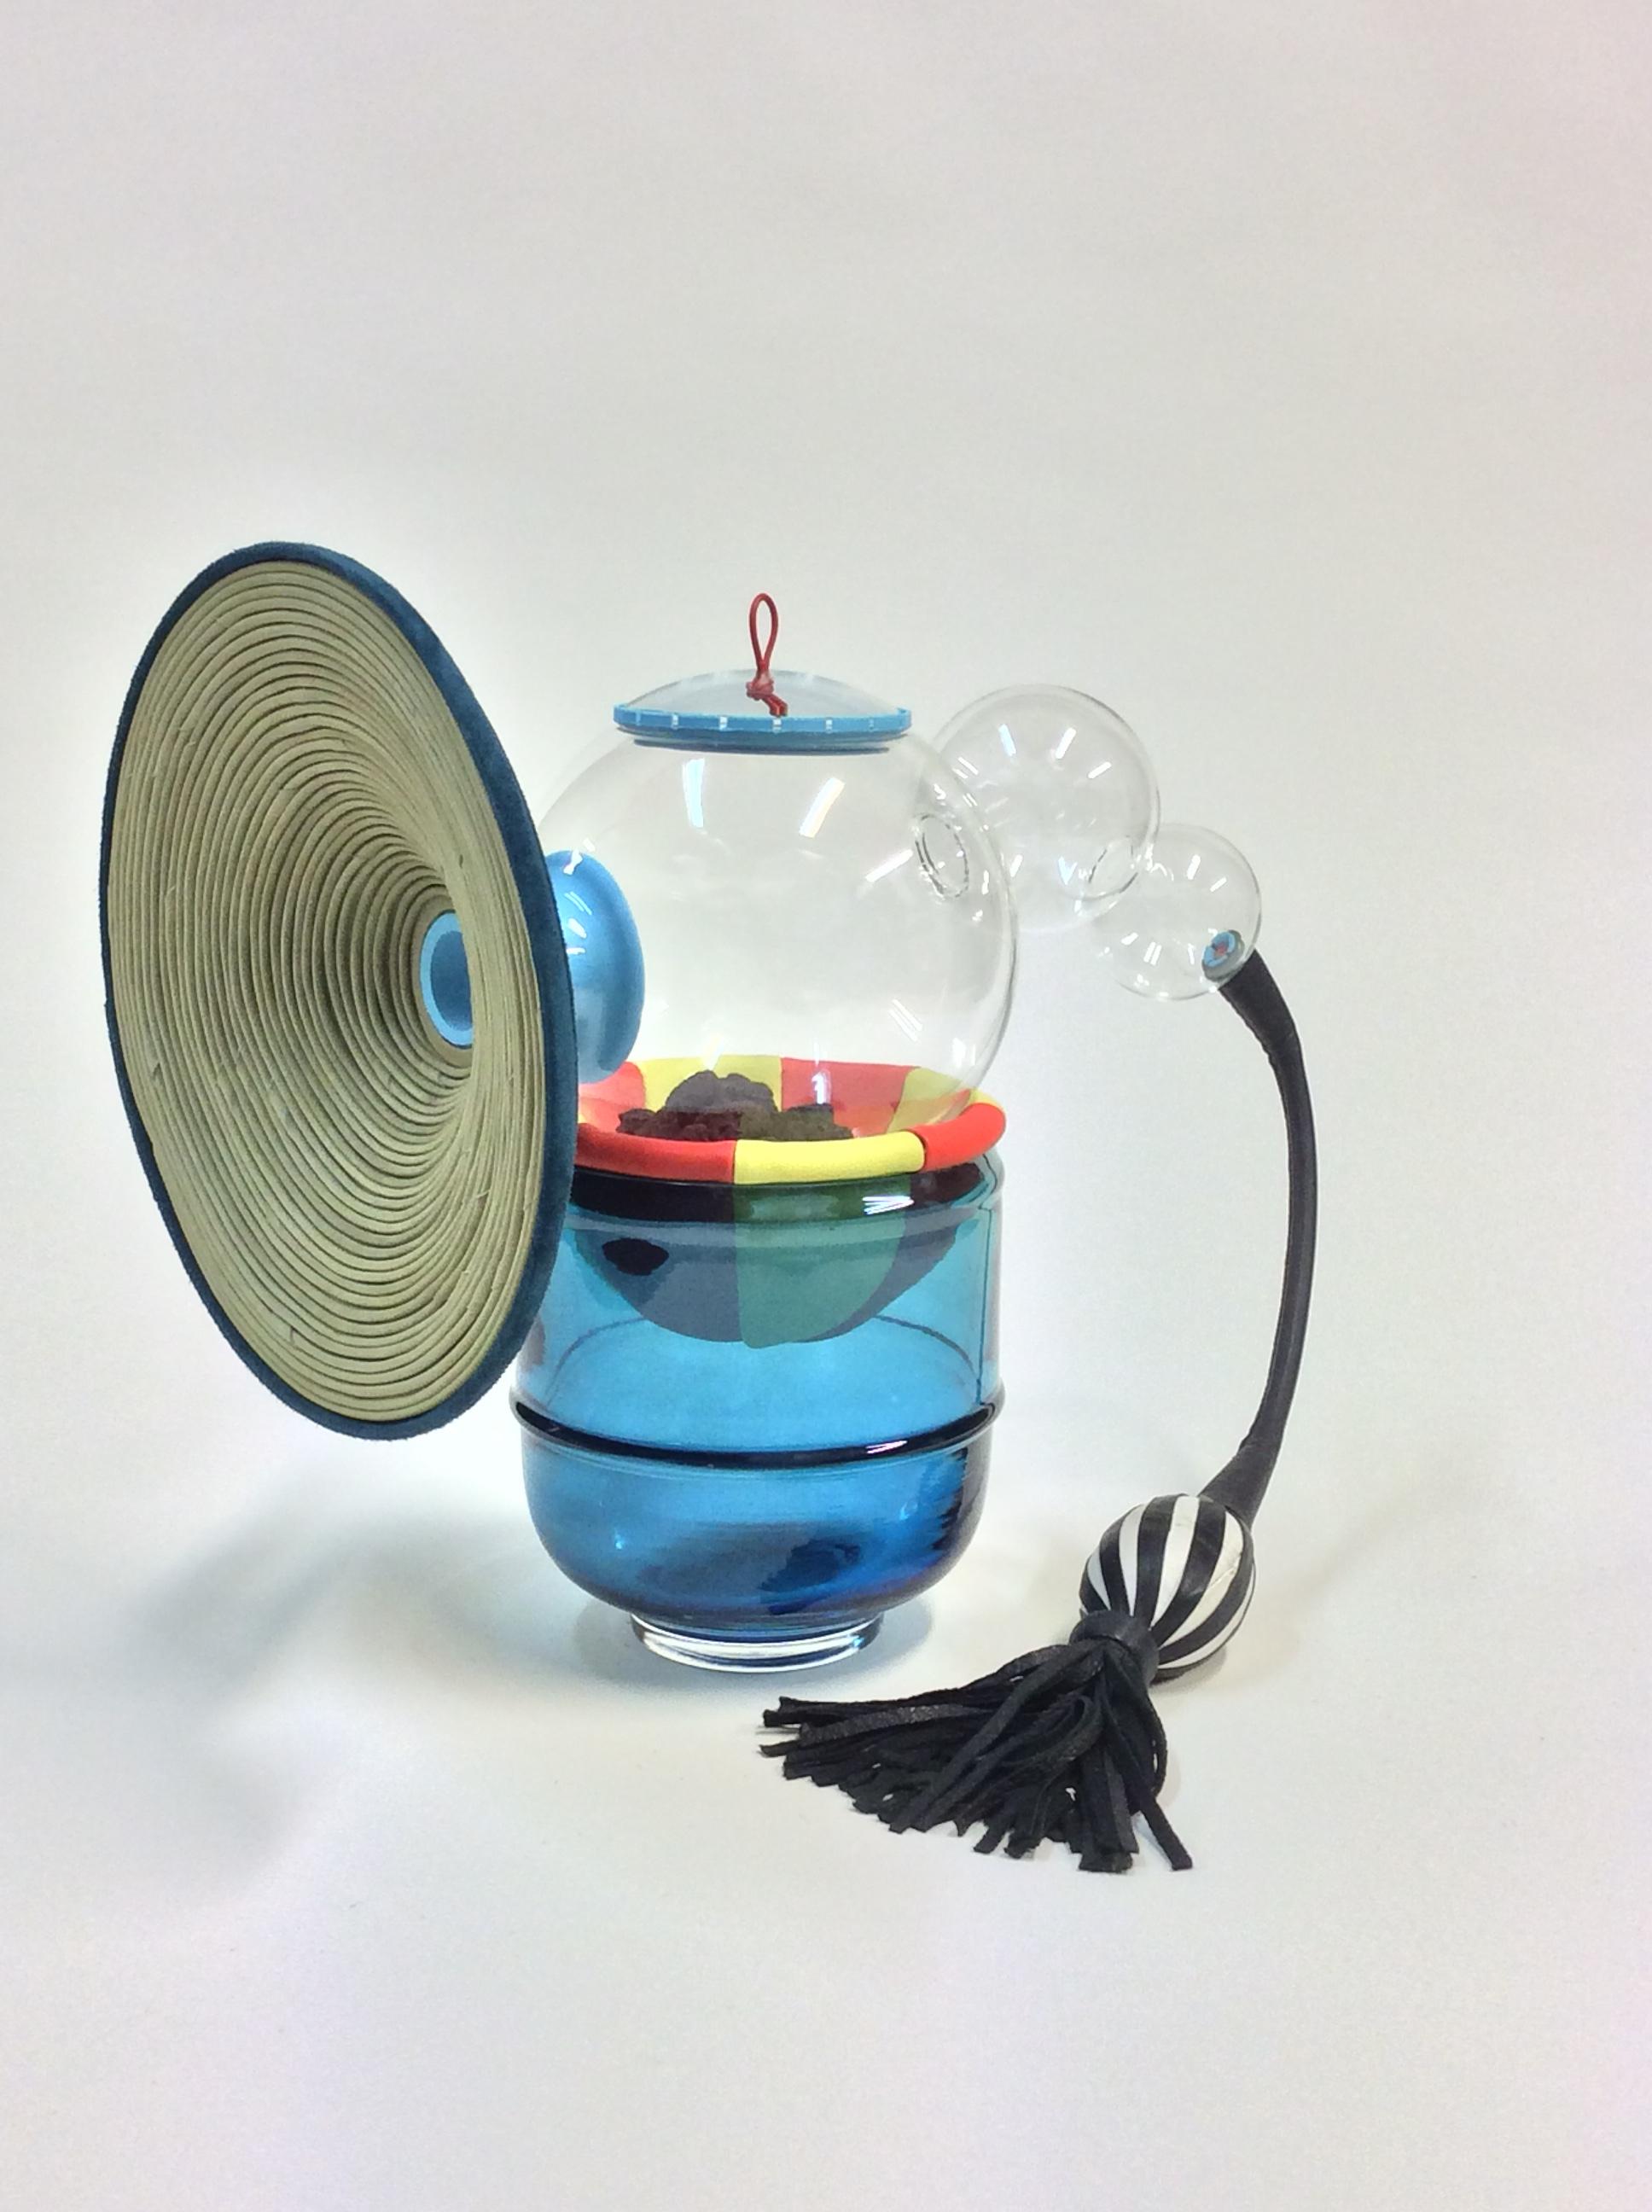 Secret d'Alchimie - « La peau du verre se tend grâce au souffle du verrier. Un nuage de vapeur d'eau se forme quand le verre en fusion entre en contact avec le moule imprégné d'eau. Ainsi le verre n'adhère pas au moule, la forme glisse sur coussin d'air. »contact : info@secretdalchimie.com